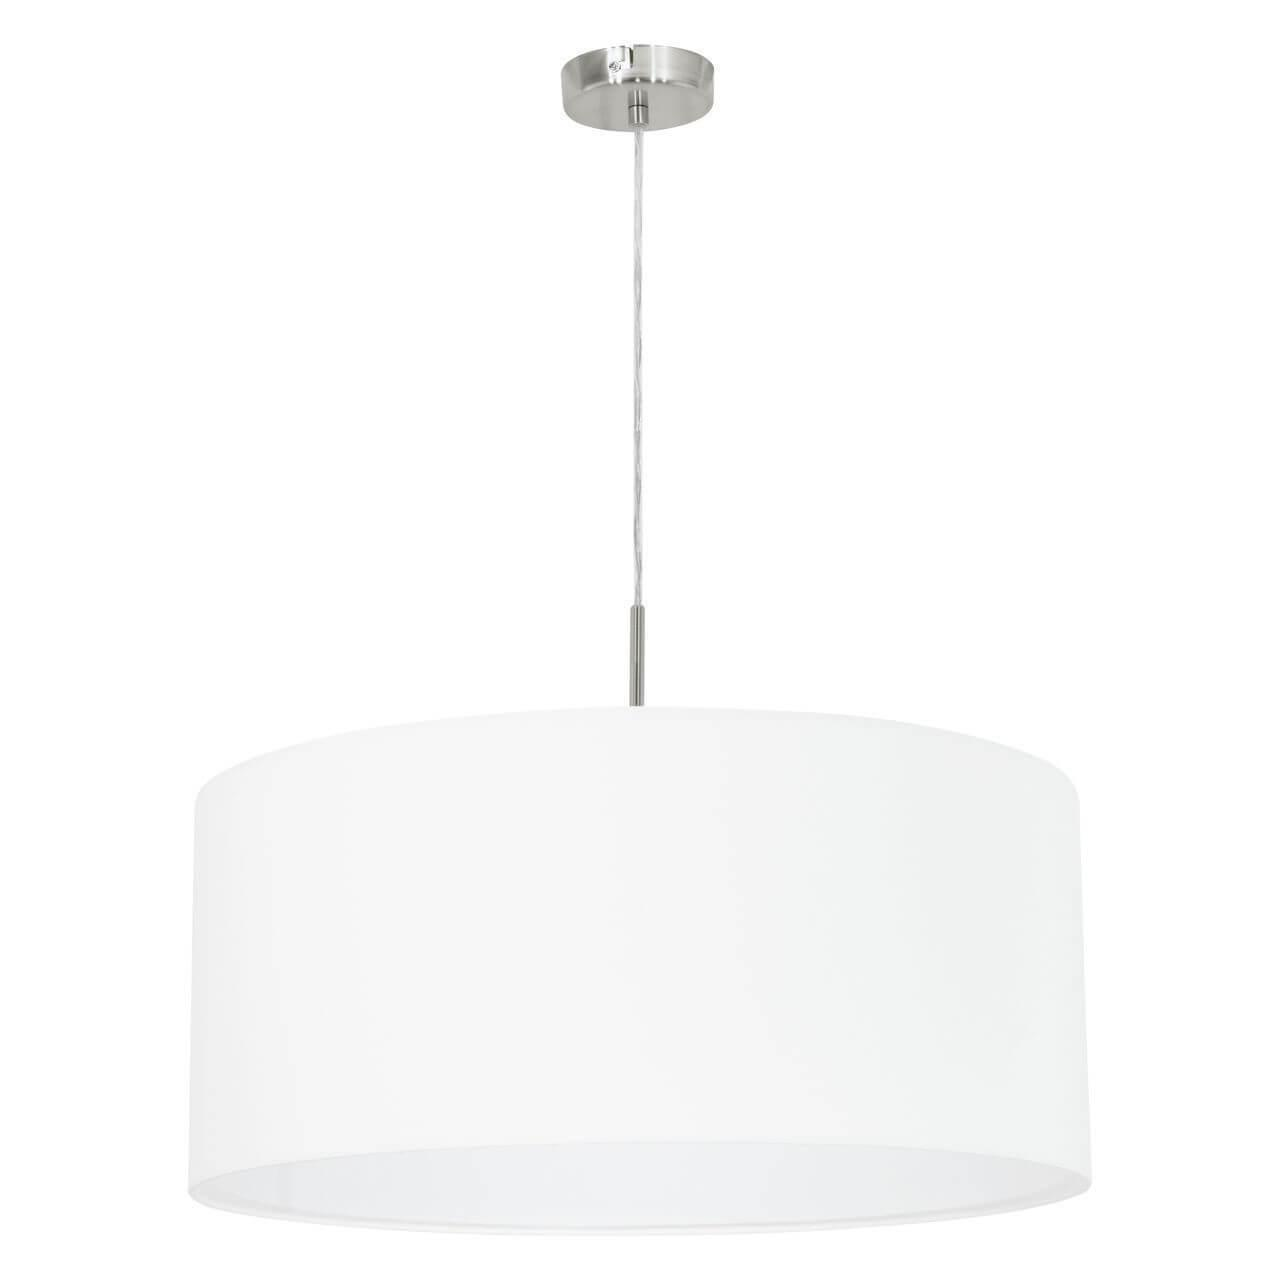 Подвесной светильник Eglo 31575, E27, 60 Вт подвесной светильник eglo pasteri 31577